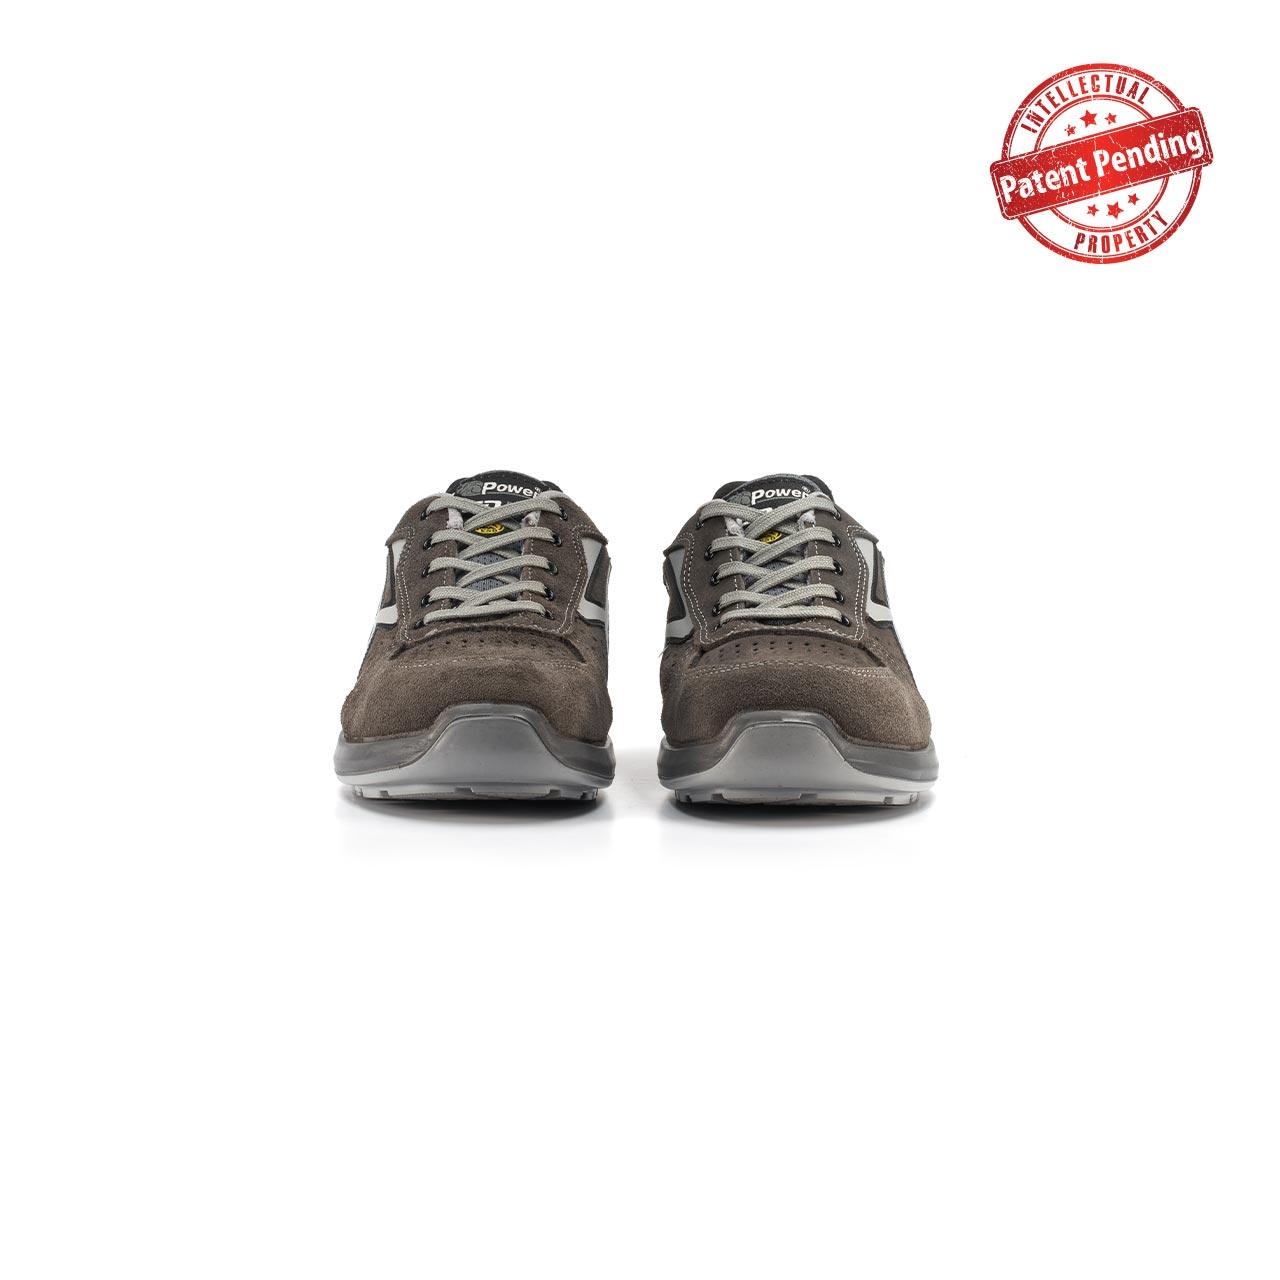 paio di scarpe antinfortunistiche upower modello rigel linea redup vista frontale